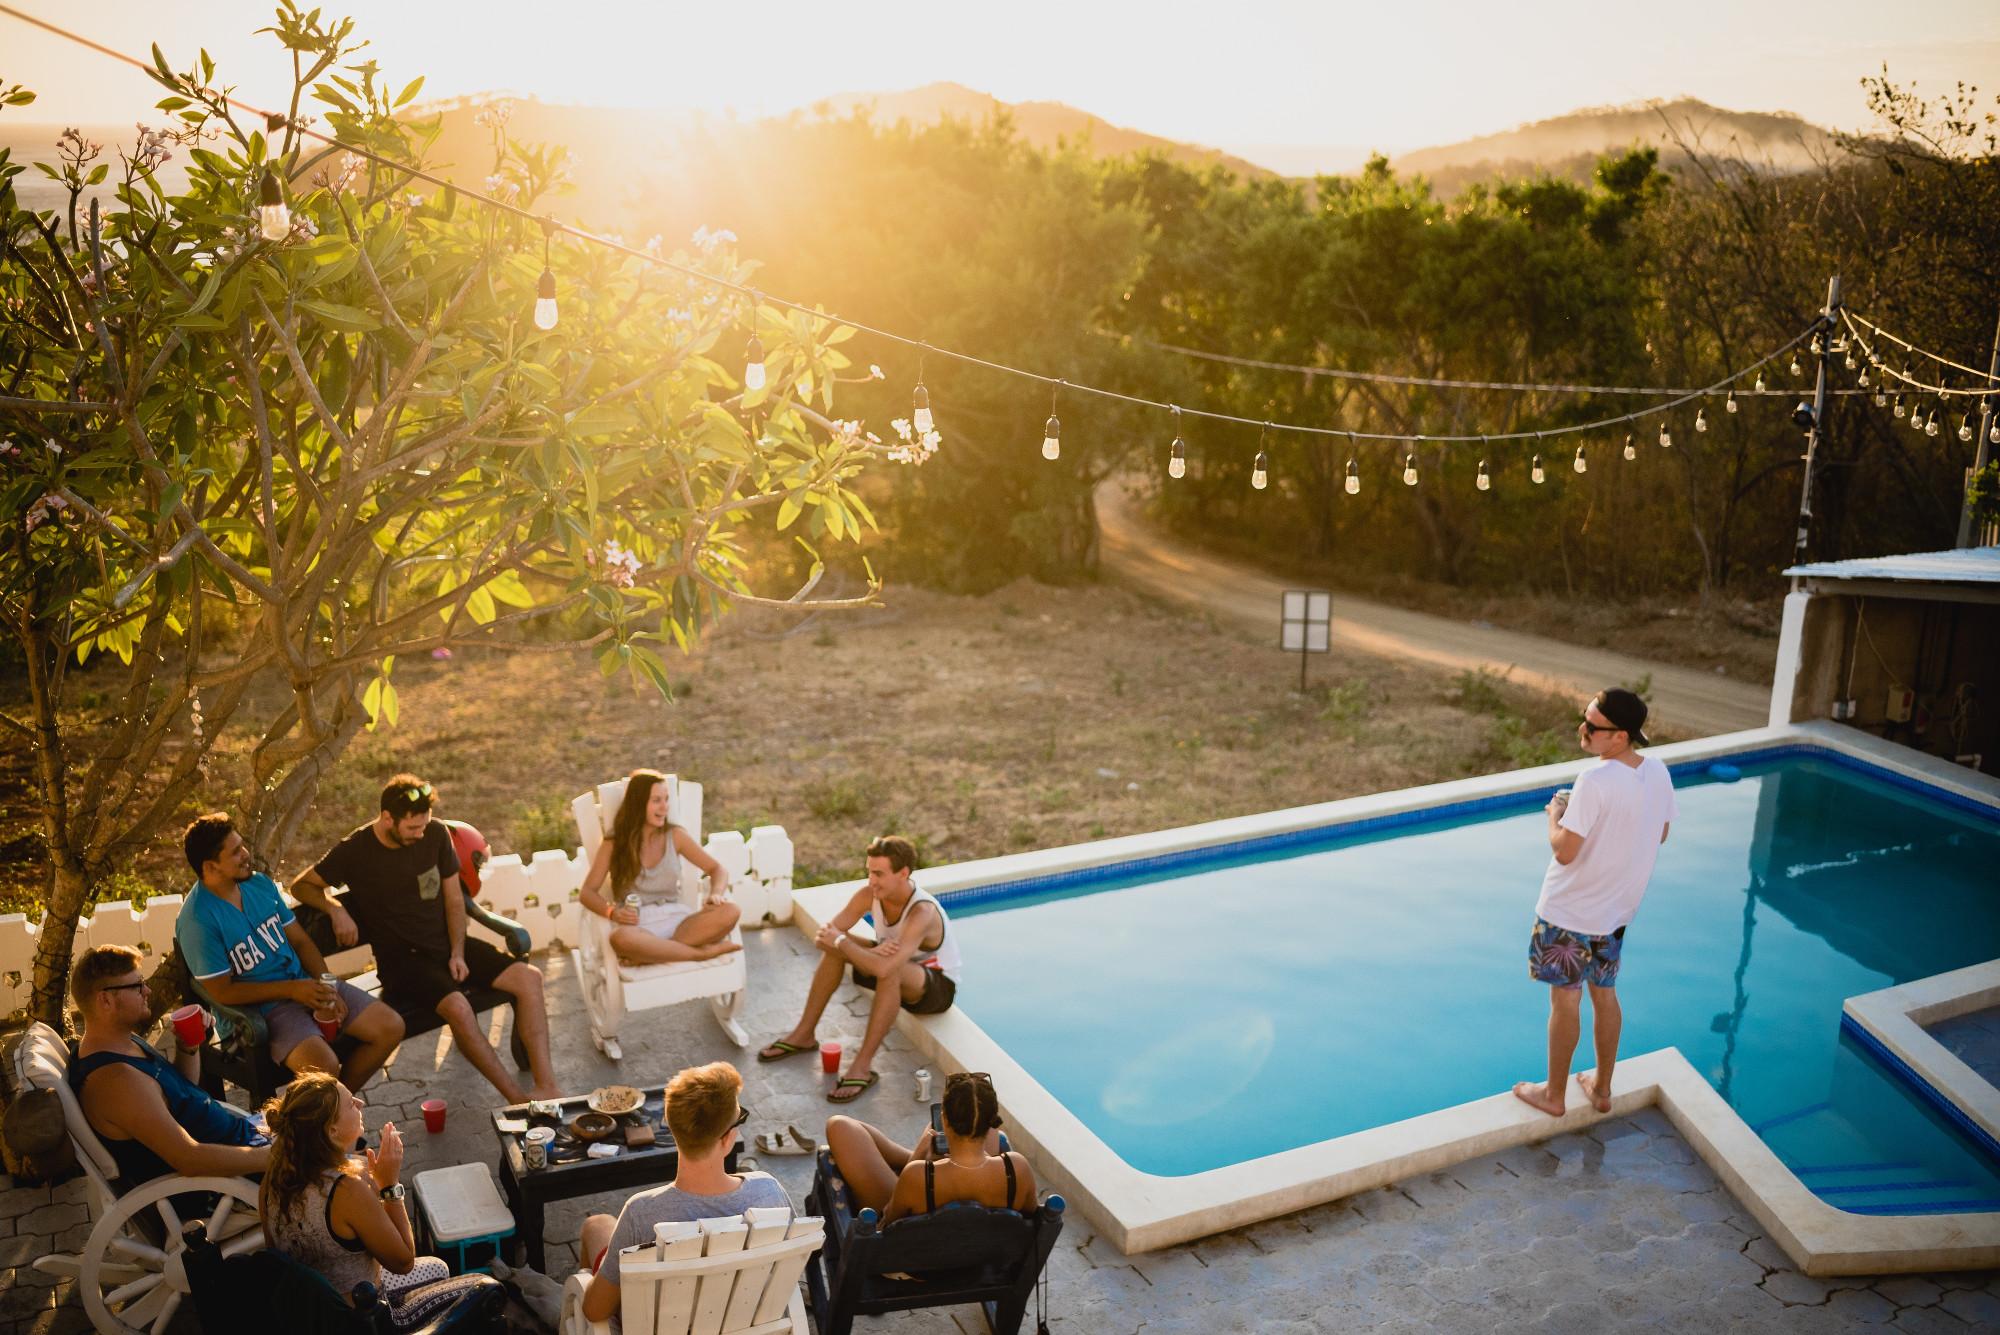 extérieur avec piscine et guirlandes lumineuses avec personnes assises qui boivent un verre